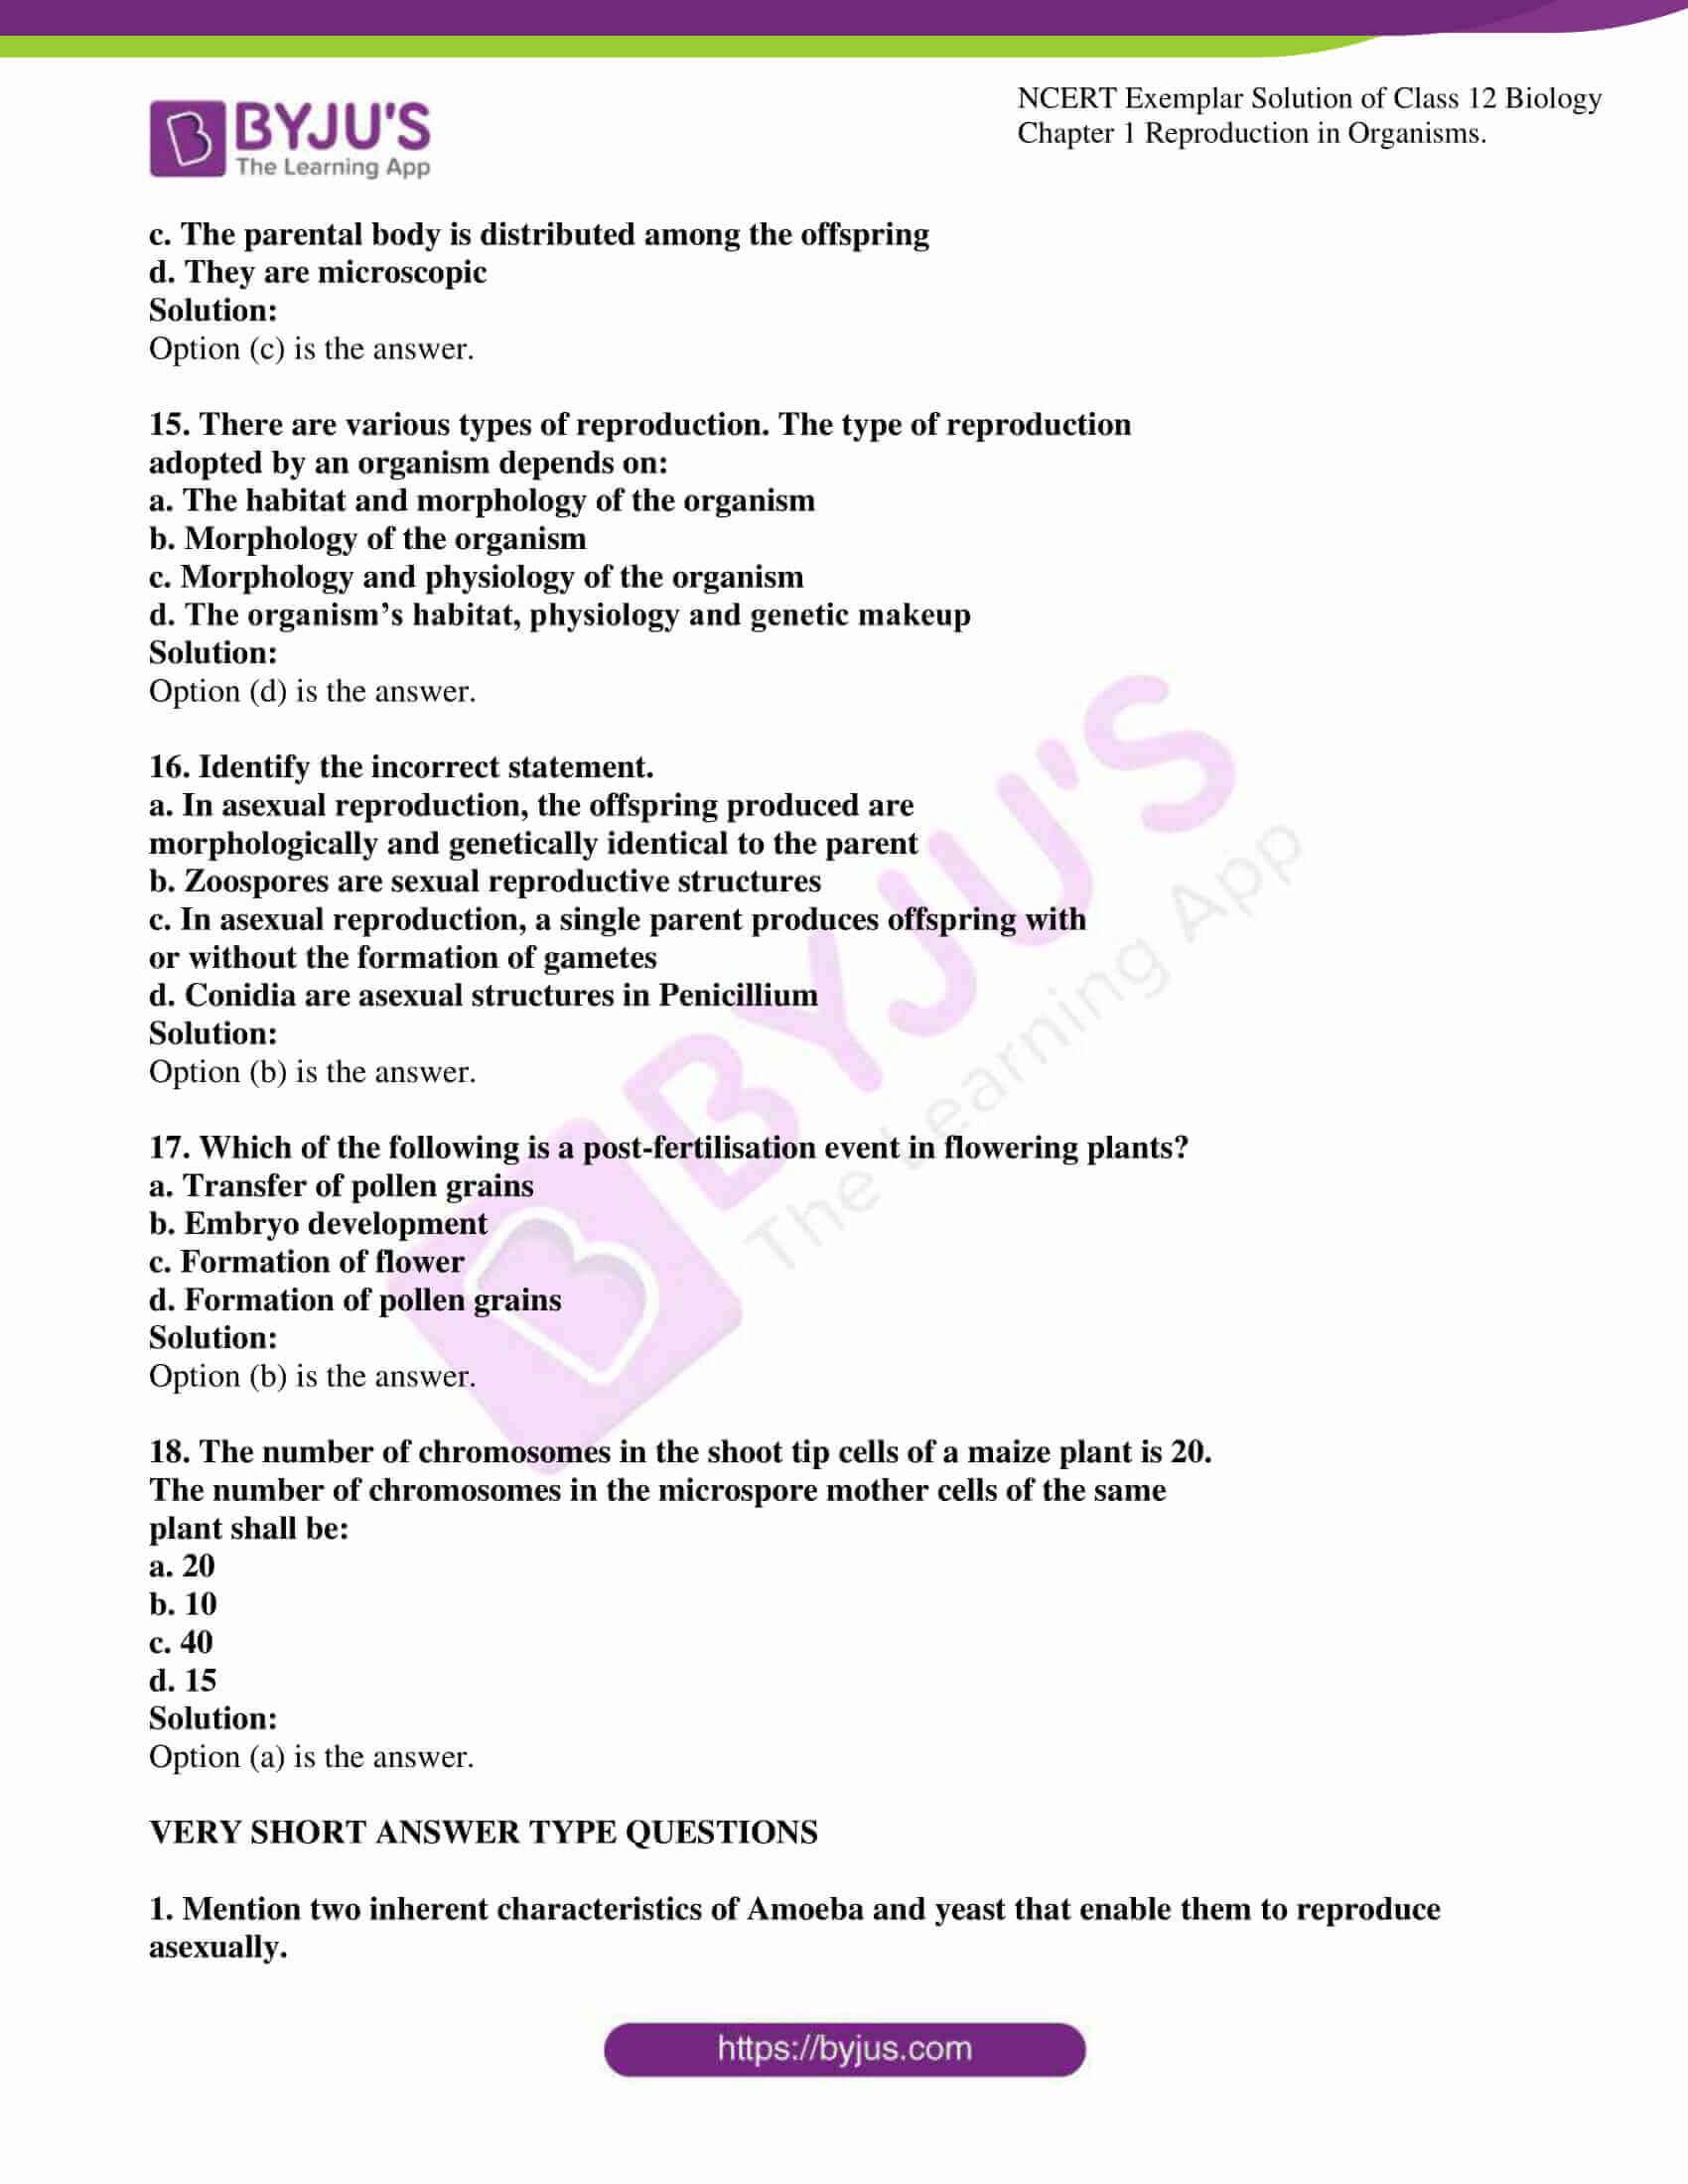 ncert exemplar solution of class 12 biology chapter 1 04